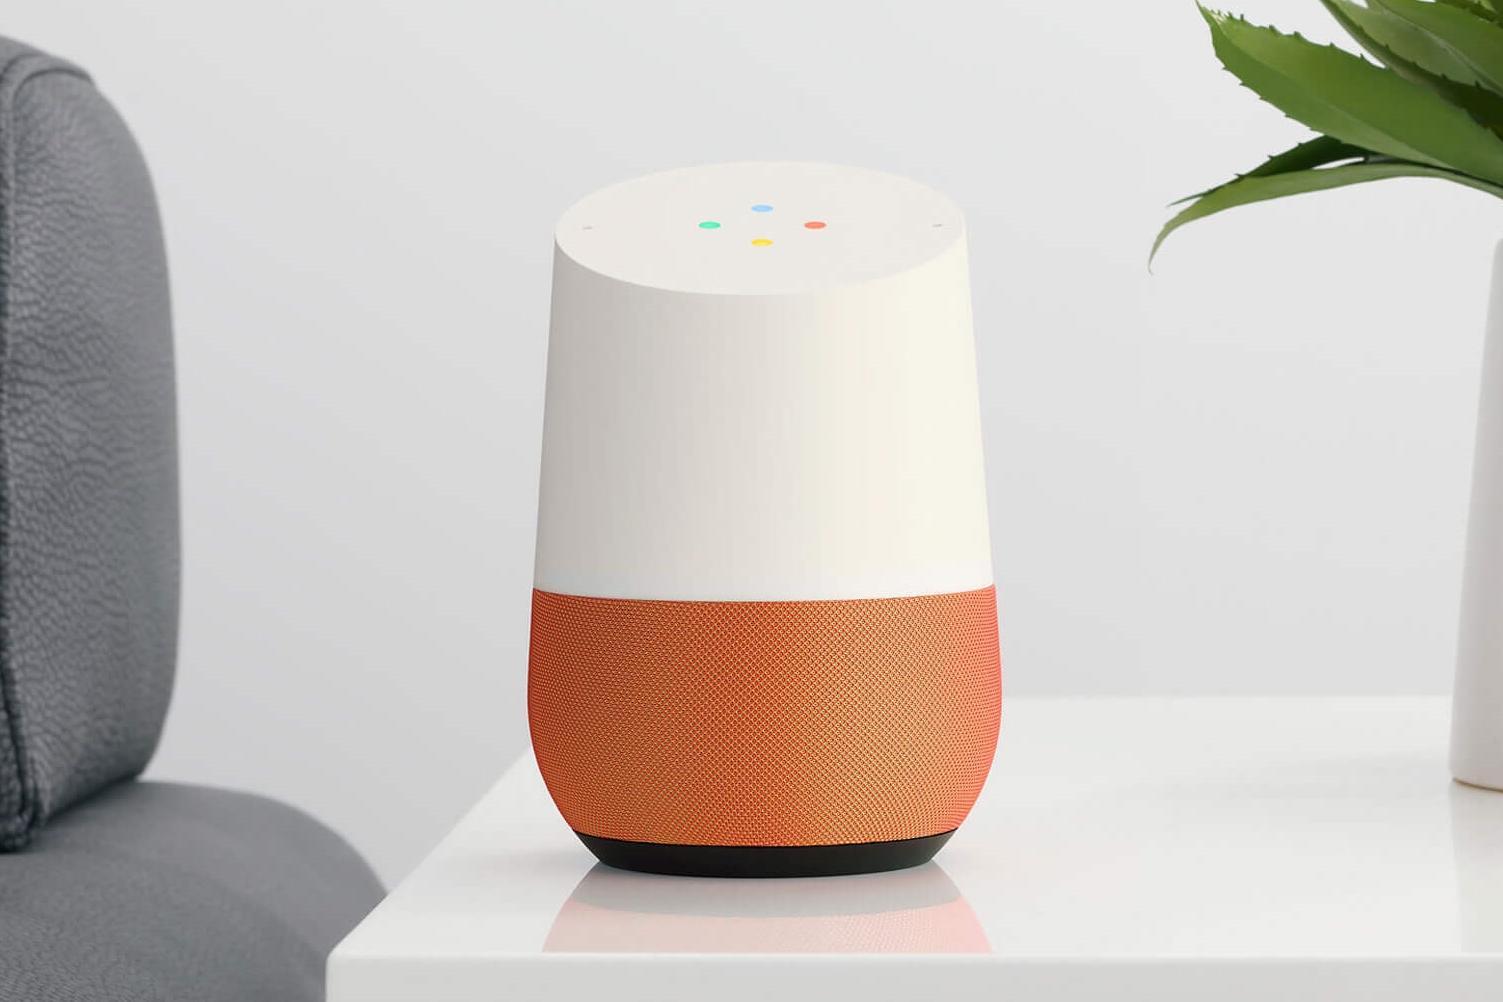 Imagem de Vendas do Google Home superam Amazon Echo pela 1ª vez, aponta relatório no tecmundo